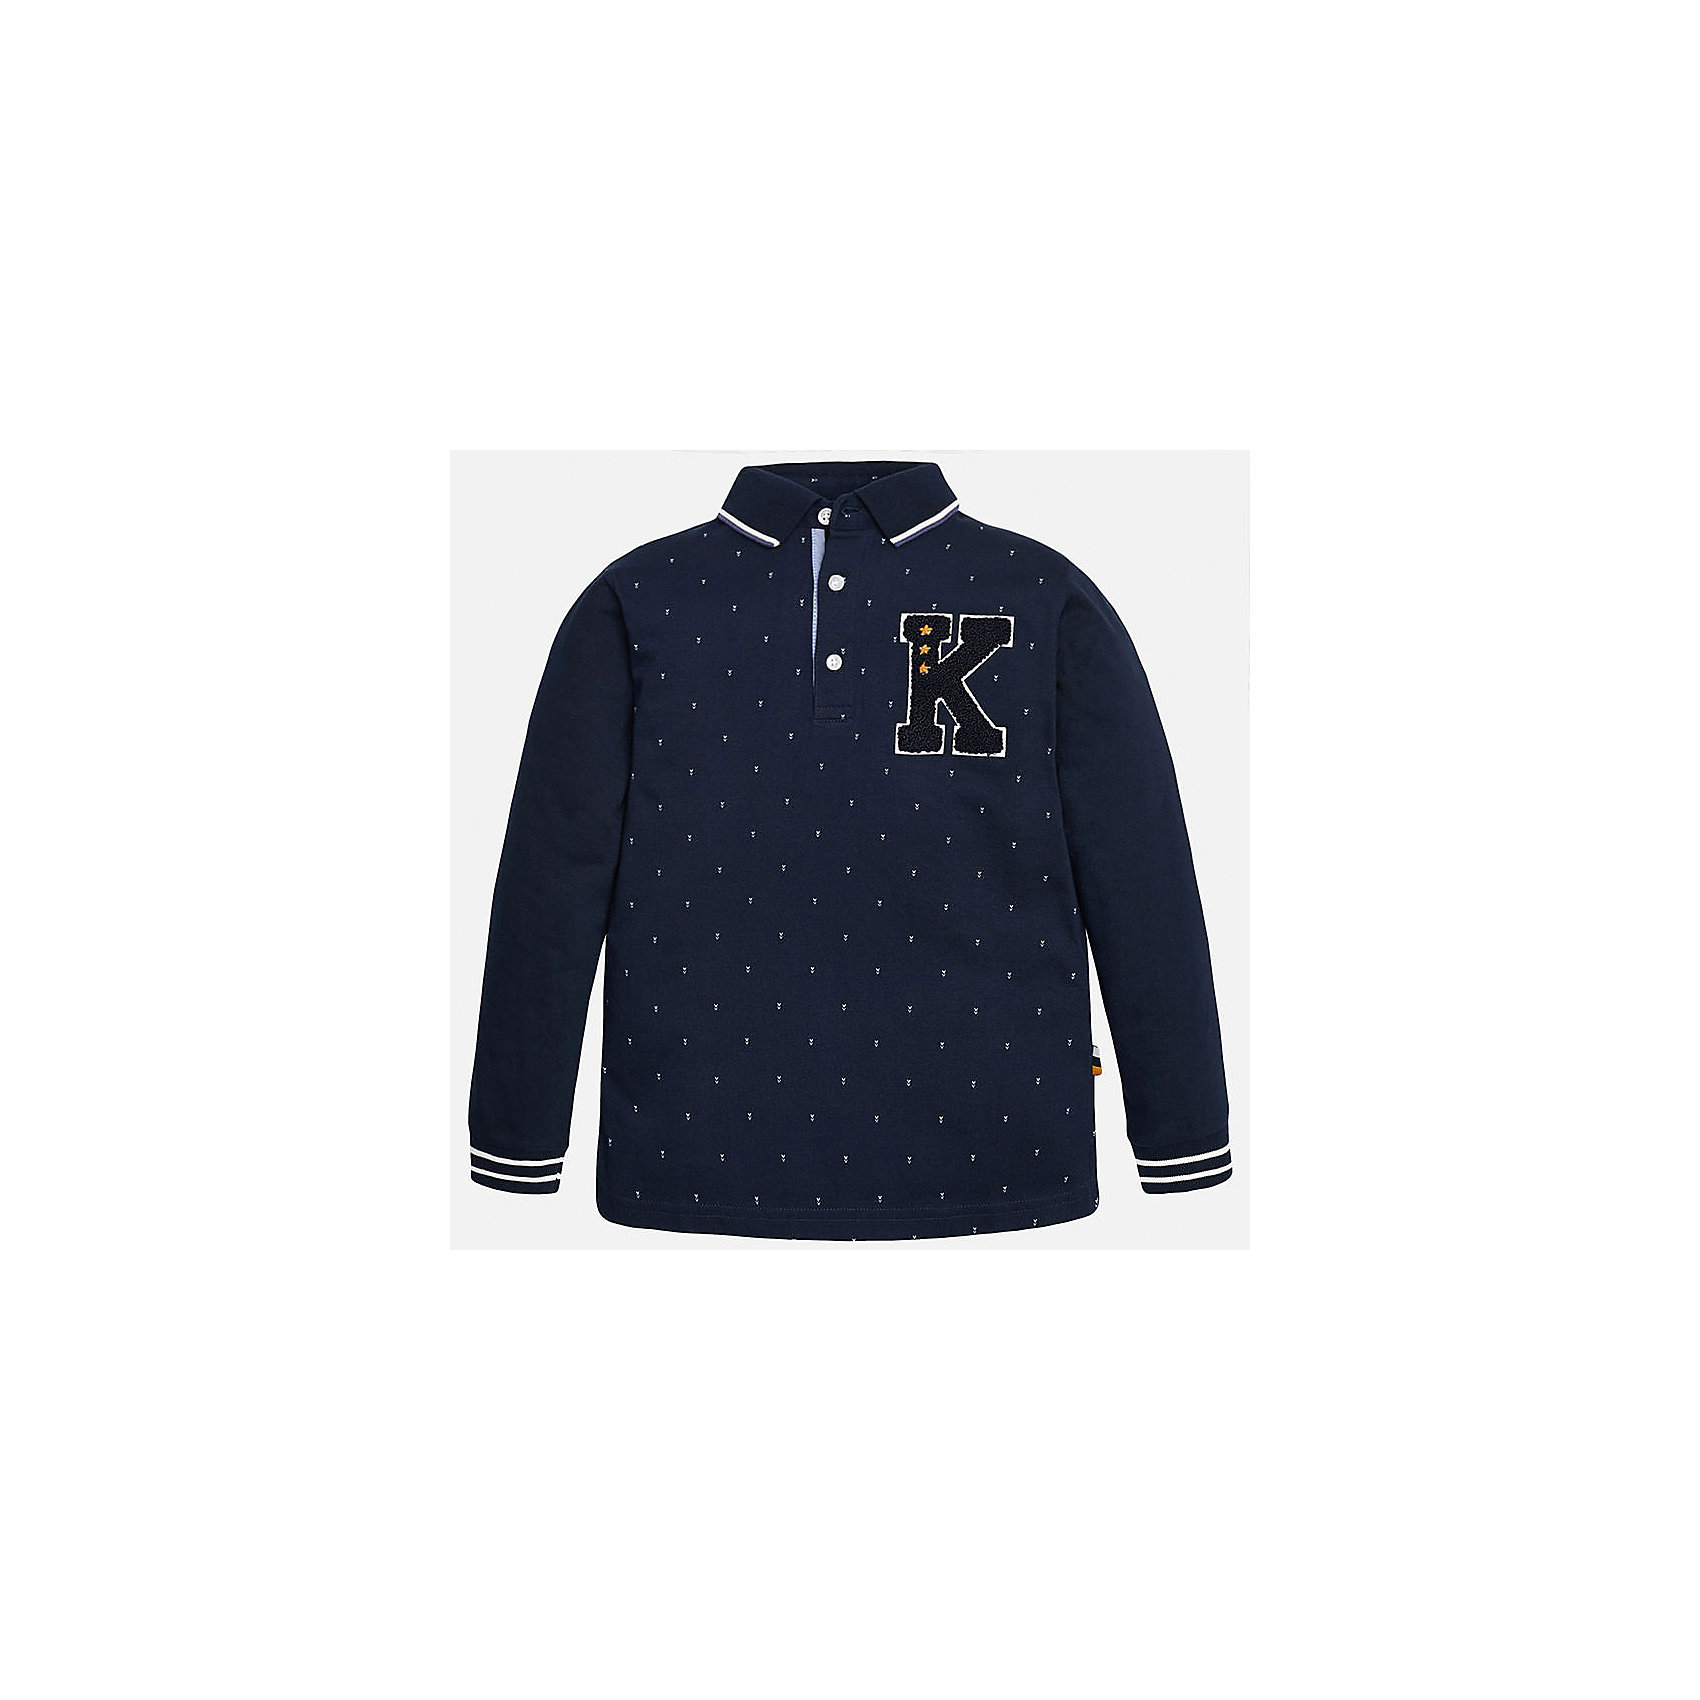 Футболка-поло с длинным рукавом для мальчика MayoralФутболки с длинным рукавом<br>Рубашка-поло для мальчика известного испанского бренда Mayoral (Майорал). Стильная и удобная рубашка на каждый день. Приятная ткань темно-синего цвета в белую крапинку прекрасно сочетается с темно-синими рукавами и белыми полосками на откидном воротничке и манжетах (манжеты пресдтавлены в виде трикотажной резинки). Рубашка застегивается на три белые пуговицы с дизайном, а качественная махровая нашивка в спортивном стиле придет по вкусу вашему ребенку. Рубашка-поло отлично подойдет как к брюкам, так и к джинсам или штанам спортивного стиля, кроме того, ее можно носить поверх обычной рубашки.<br><br>Дополнительная информация:<br><br>- Рукав: длинный<br>- Силуэт: прямой<br>Состав: 100% хлопок<br><br>Рубашку- поло для мальчиков Mayoral (Майорал) можно купить в нашем интернет-магазине.<br><br>Подробнее:<br>• Для детей в возрасте: от 9 до 14 лет<br>• Номер товара: 4826815<br>Страна производитель: Индия<br><br>Ширина мм: 174<br>Глубина мм: 10<br>Высота мм: 169<br>Вес г: 157<br>Цвет: синий<br>Возраст от месяцев: 168<br>Возраст до месяцев: 180<br>Пол: Мужской<br>Возраст: Детский<br>Размер: 164/170,158/164,152/158,146/152,140/146,128/134<br>SKU: 4826814